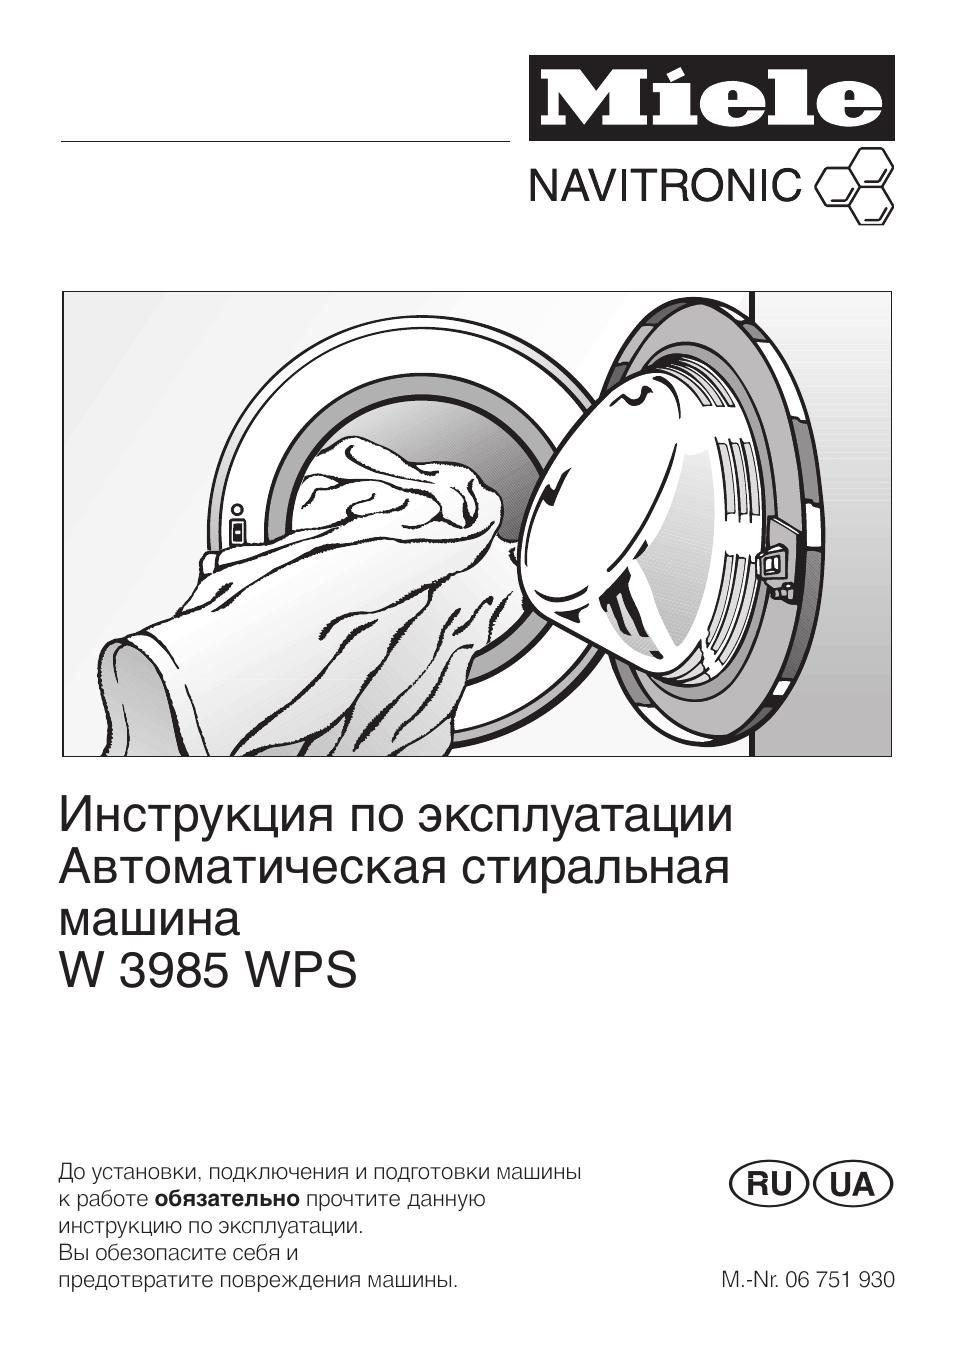 стиральные машины miele инструкция по эксплуатации